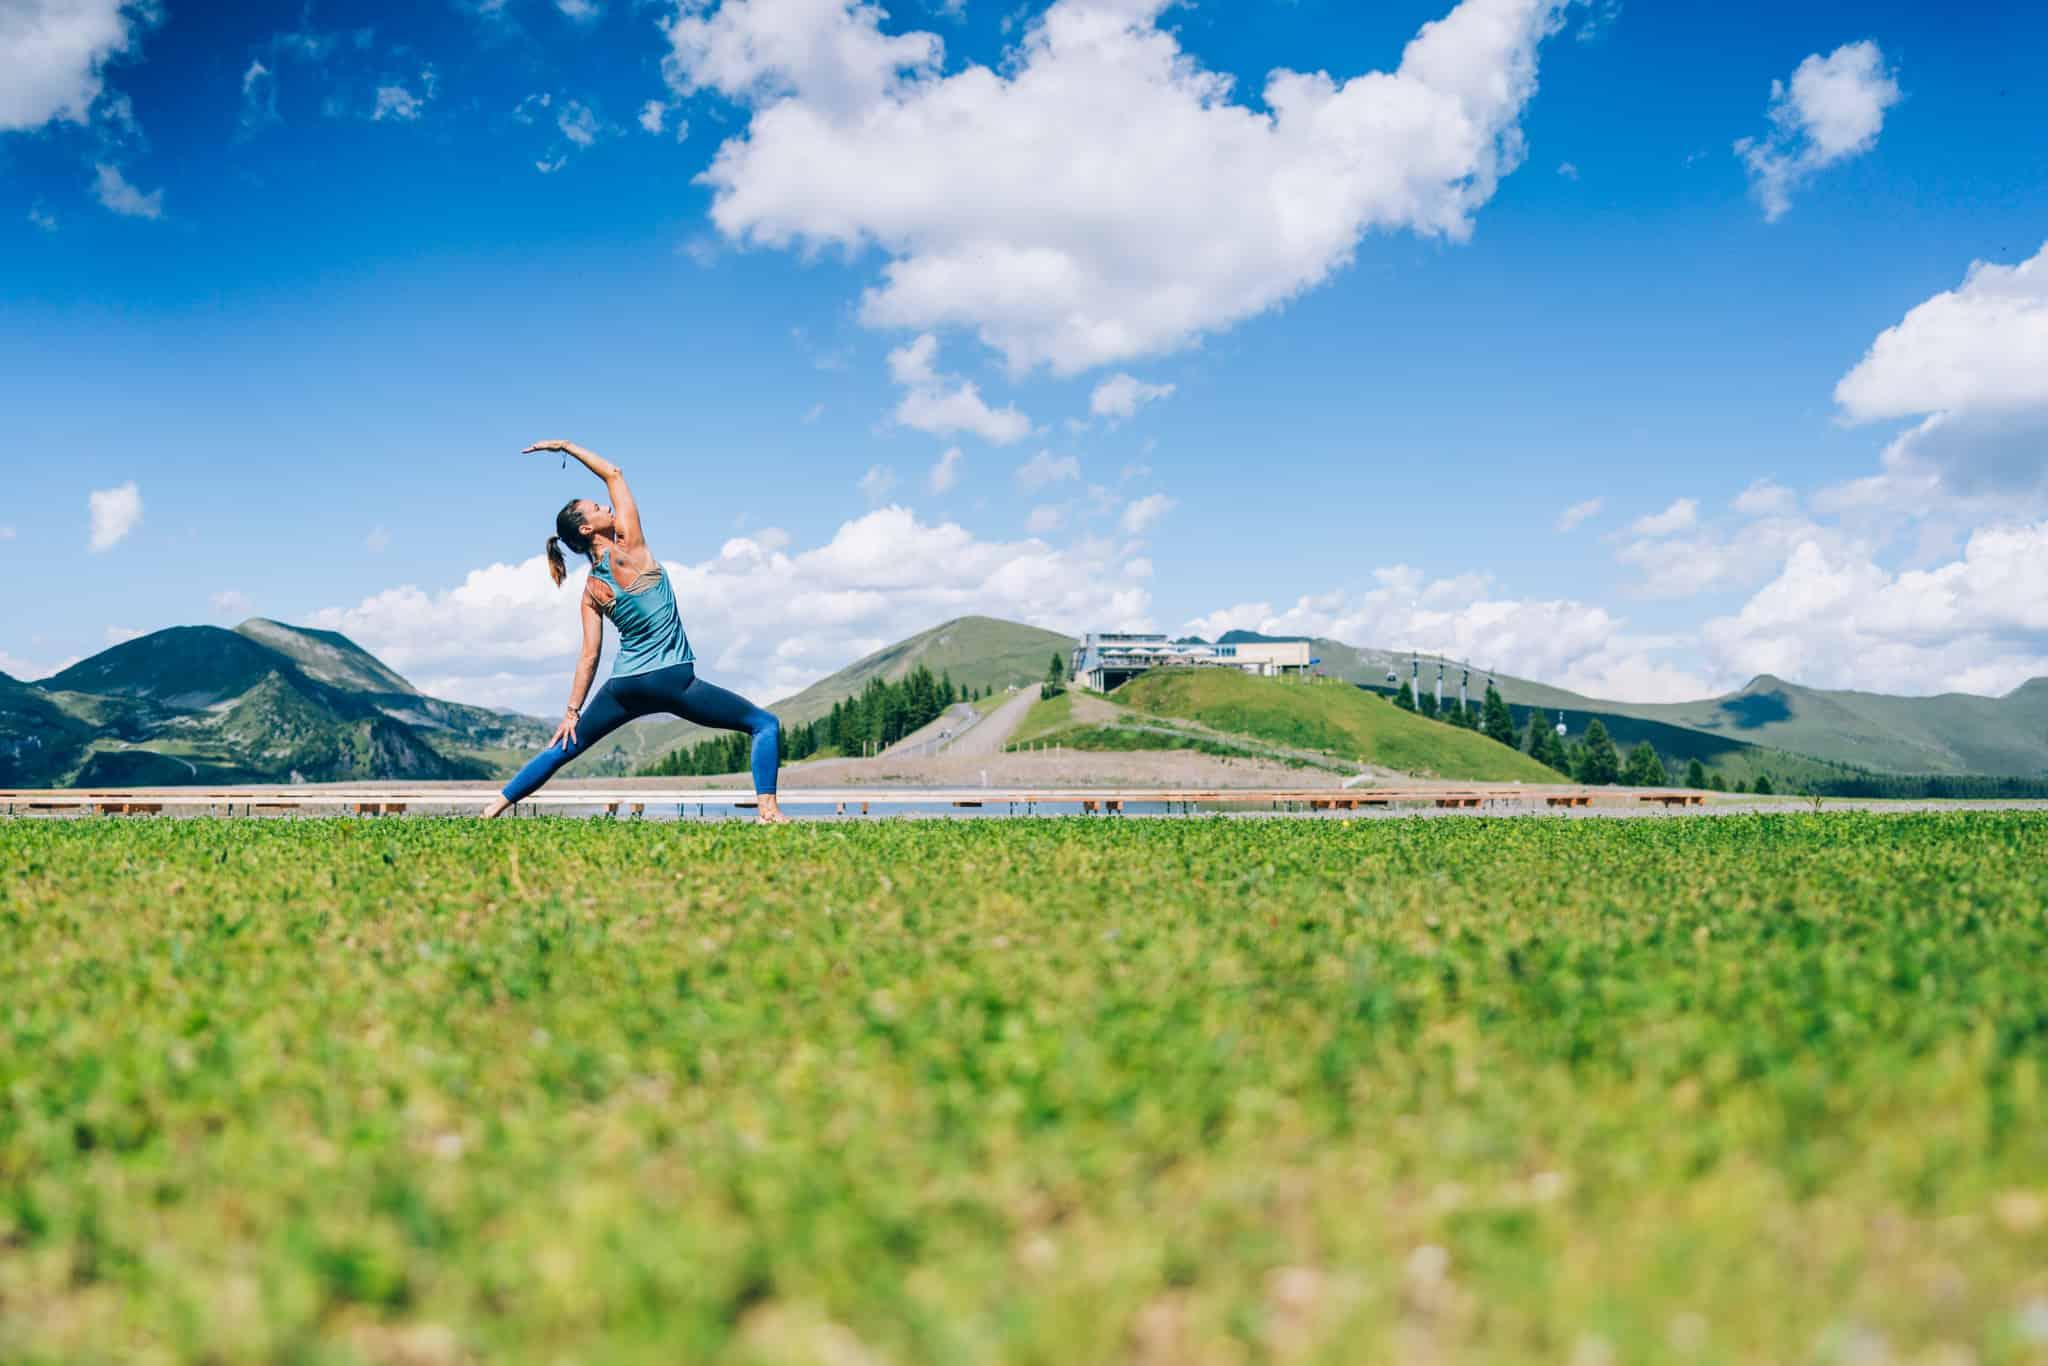 Yoga-Trail auf 2.000 m Seehöhe durch Berg & Wald in Urlaubsregion Bad Kleinkirchheim in Kärnten - aktiver Österreich-Urlaub